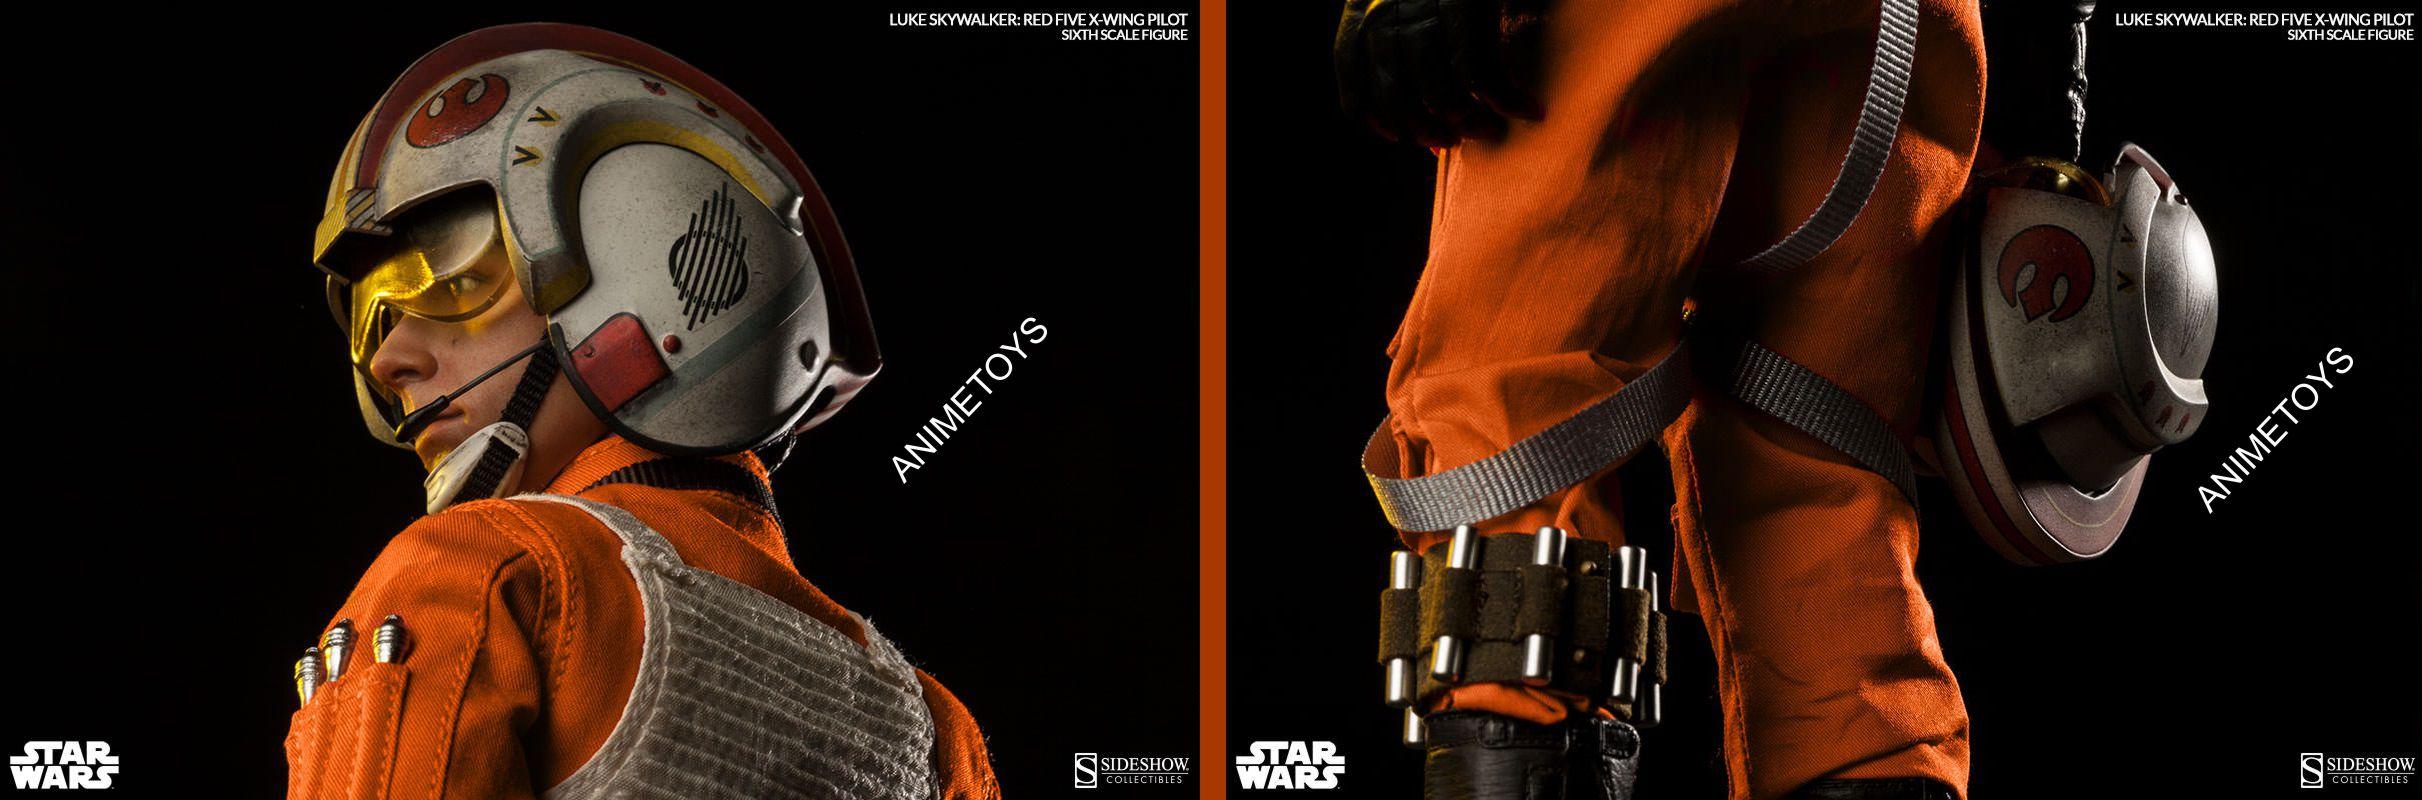 Sideshow – star wars – 12 inch figure – luke skywalker: red five